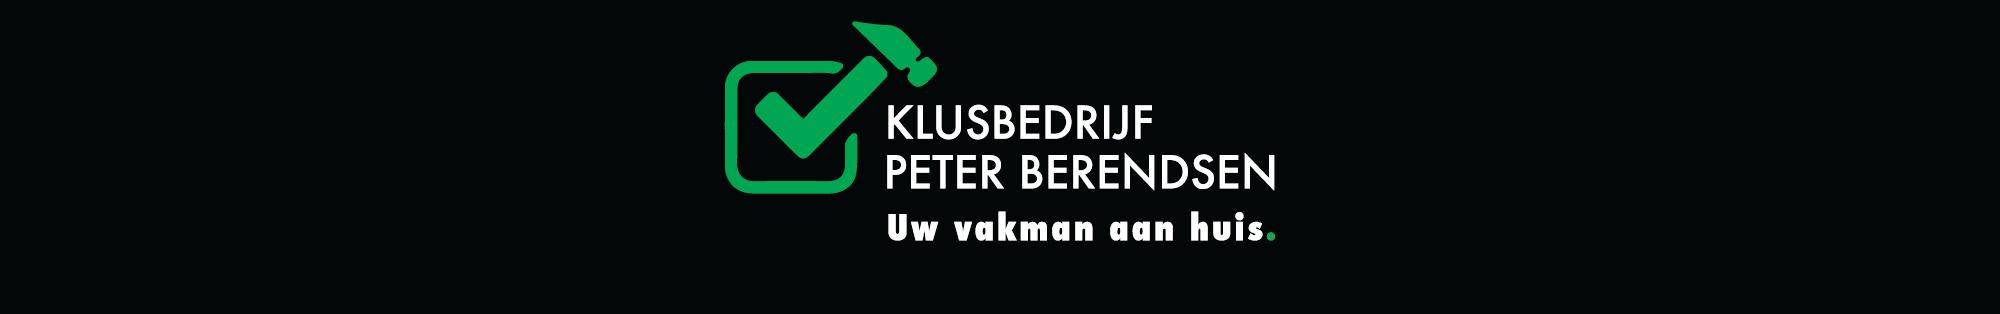 Klusbedrijf Peter Berendsen